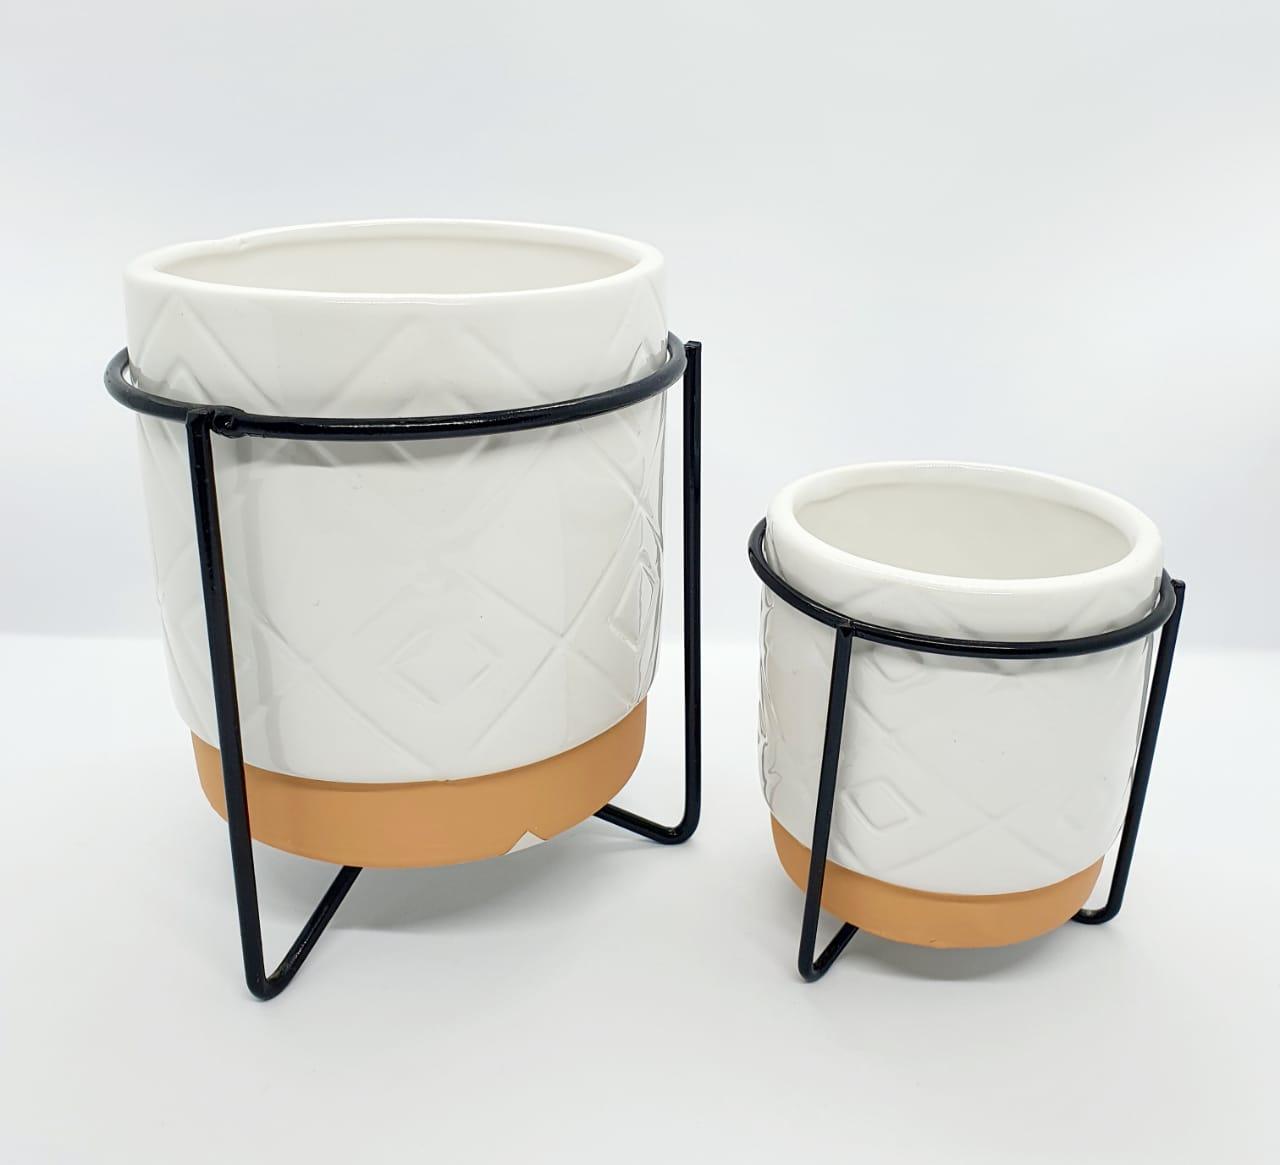 Kit - Vasos decorativos com suporte de metal preto - branco e coral  (2 peças: 13cm x 35cm de diâmetro/ 8,5cm x 25 de diâmetro)